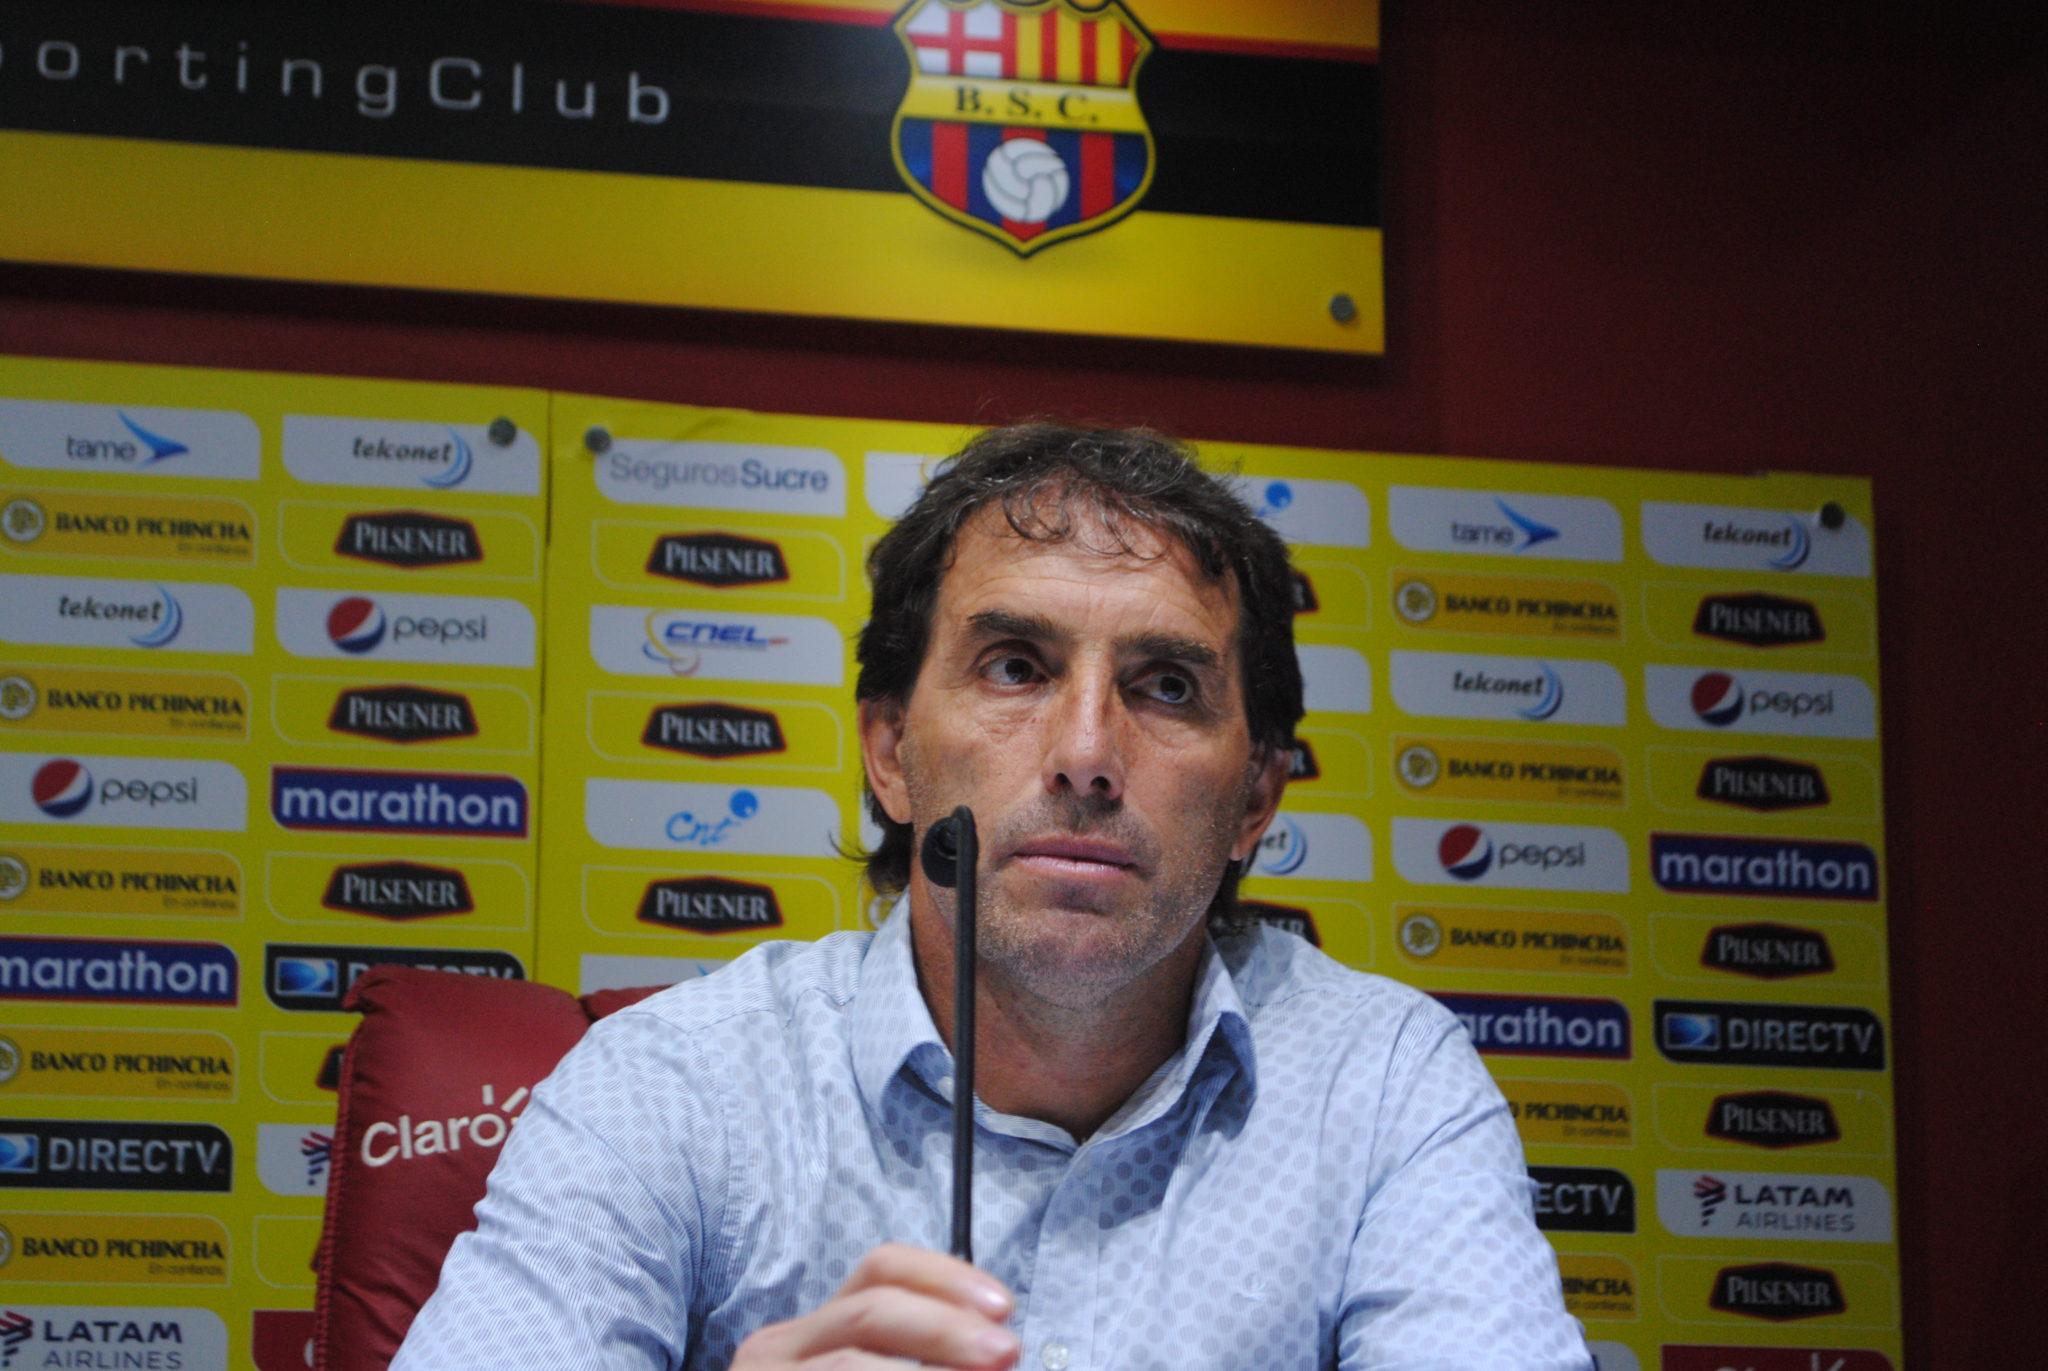 El entrenador del Barcelona SC escupe a un aficionado